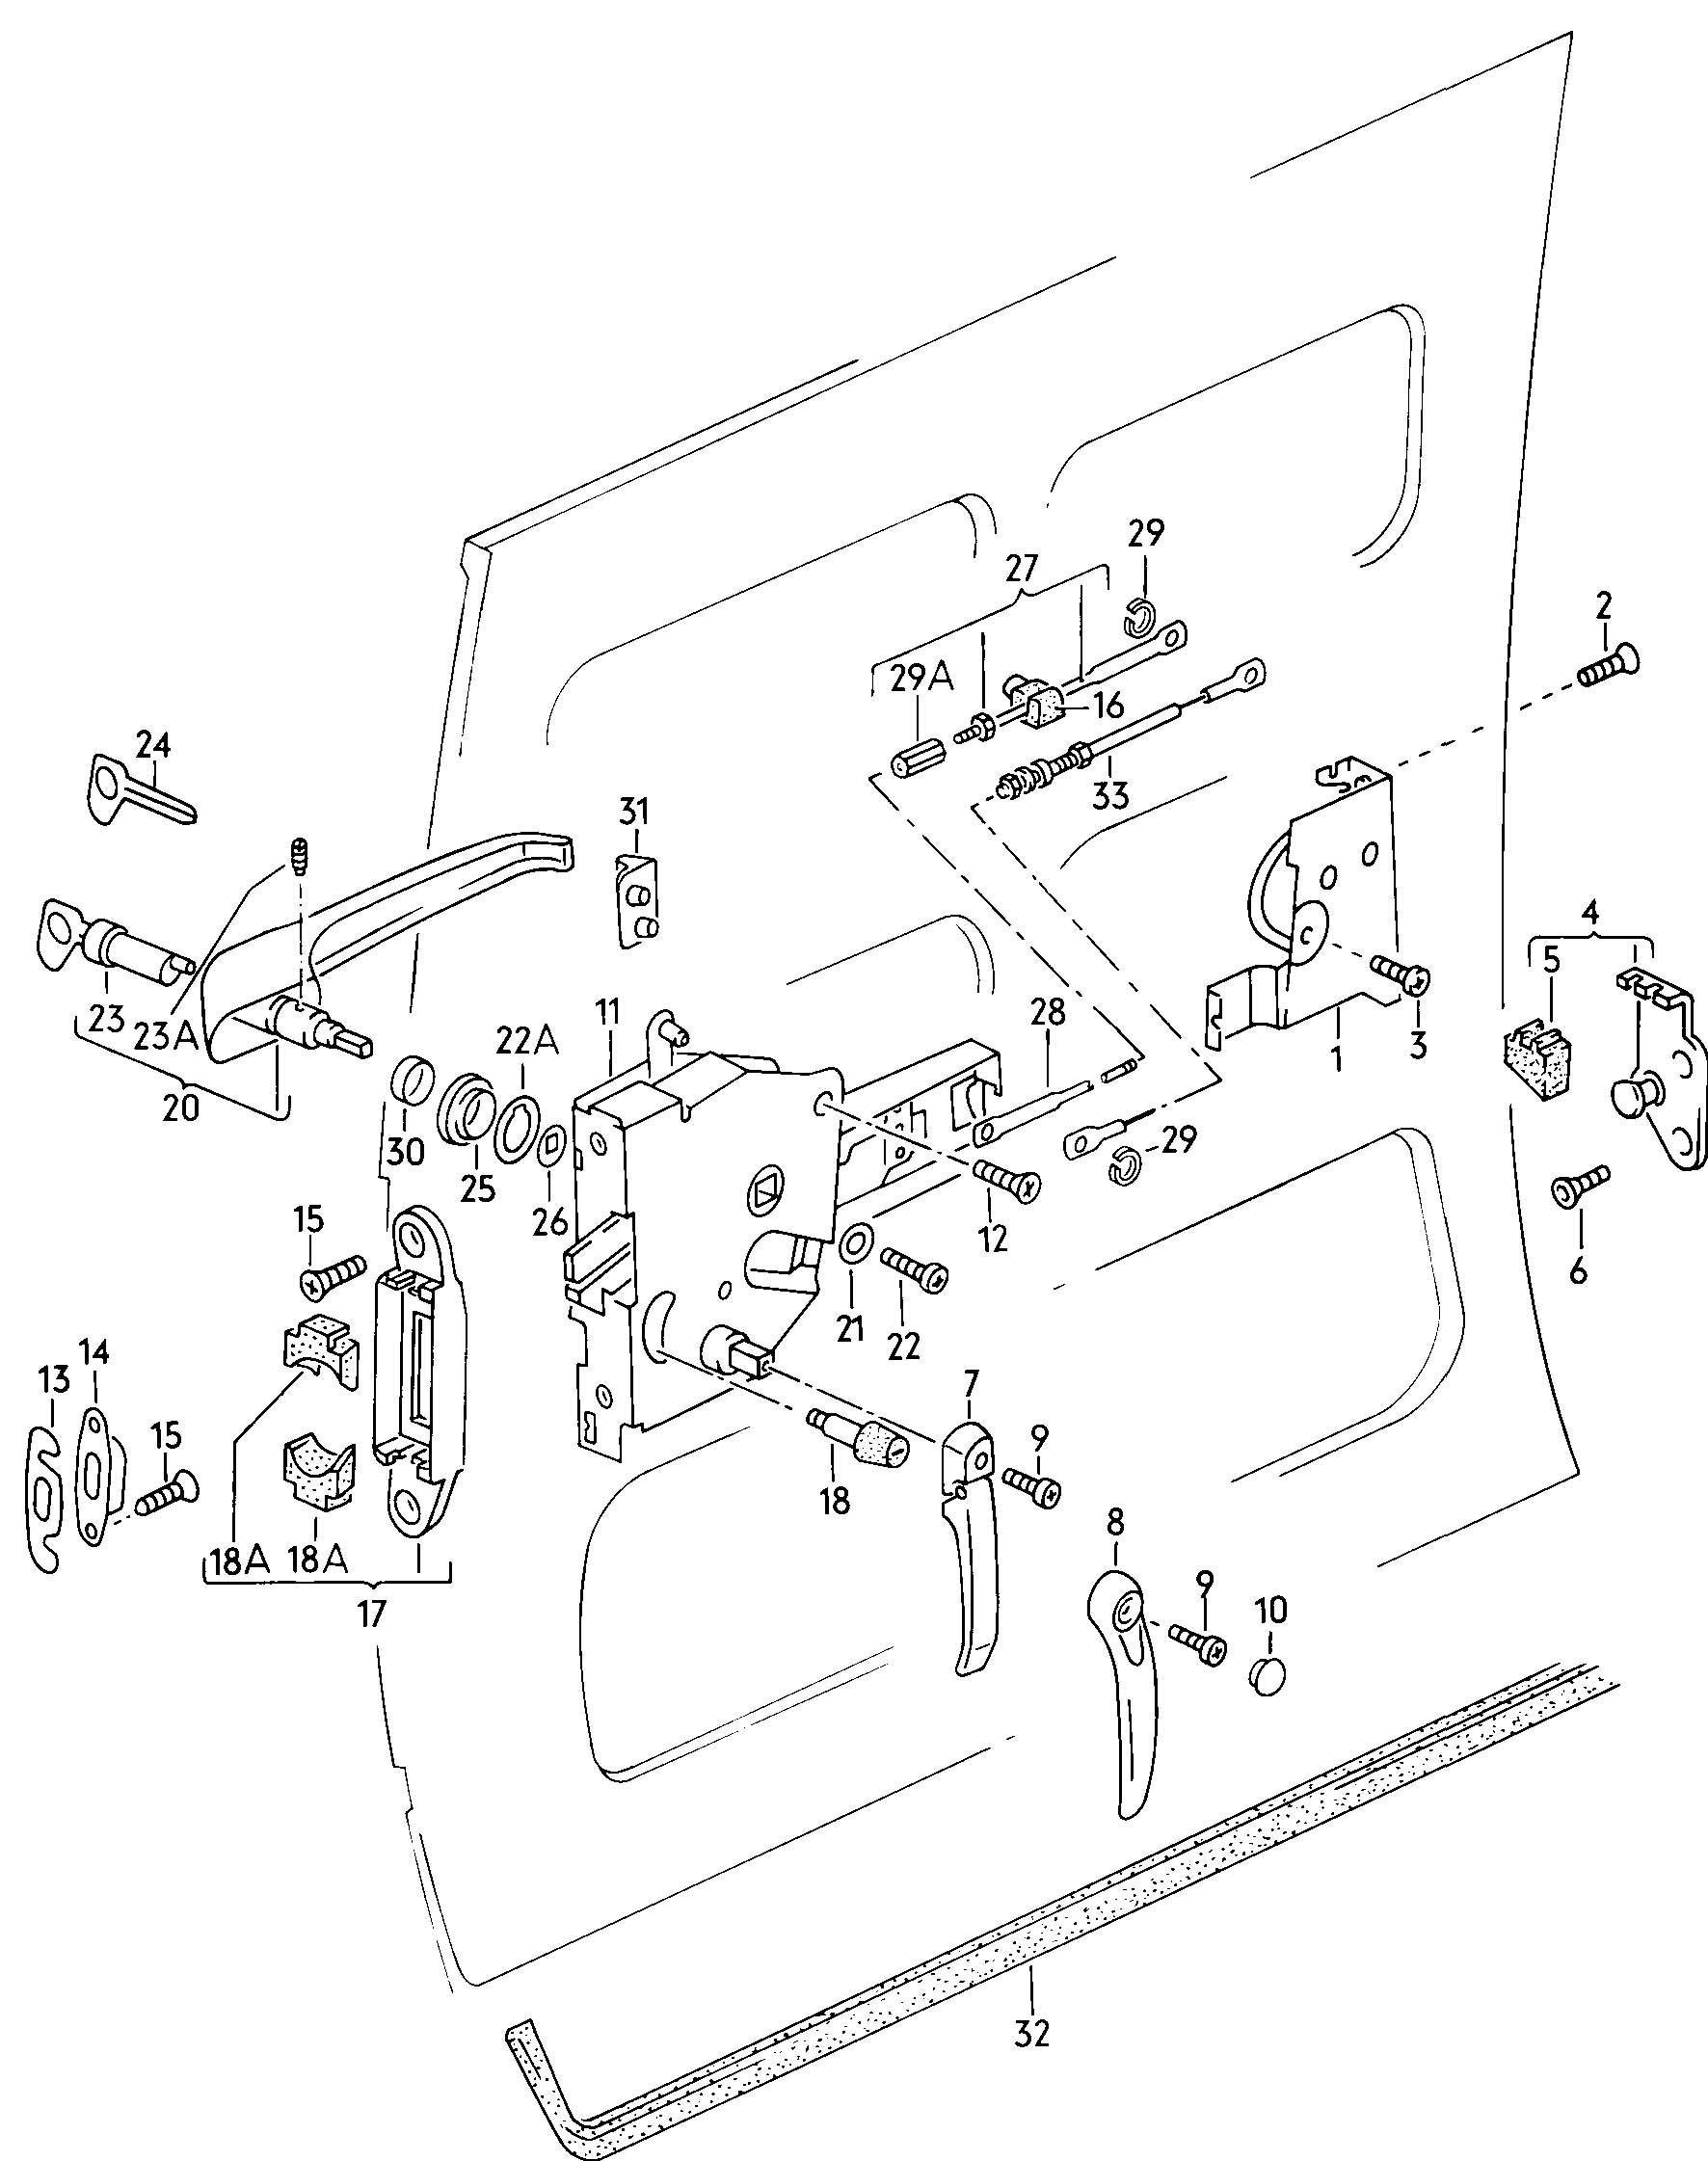 Sliding Door Parts Eurovan 1999 Volkswagen Beetle Engine Diagram Http Wwwjimellisvwpartscom Images